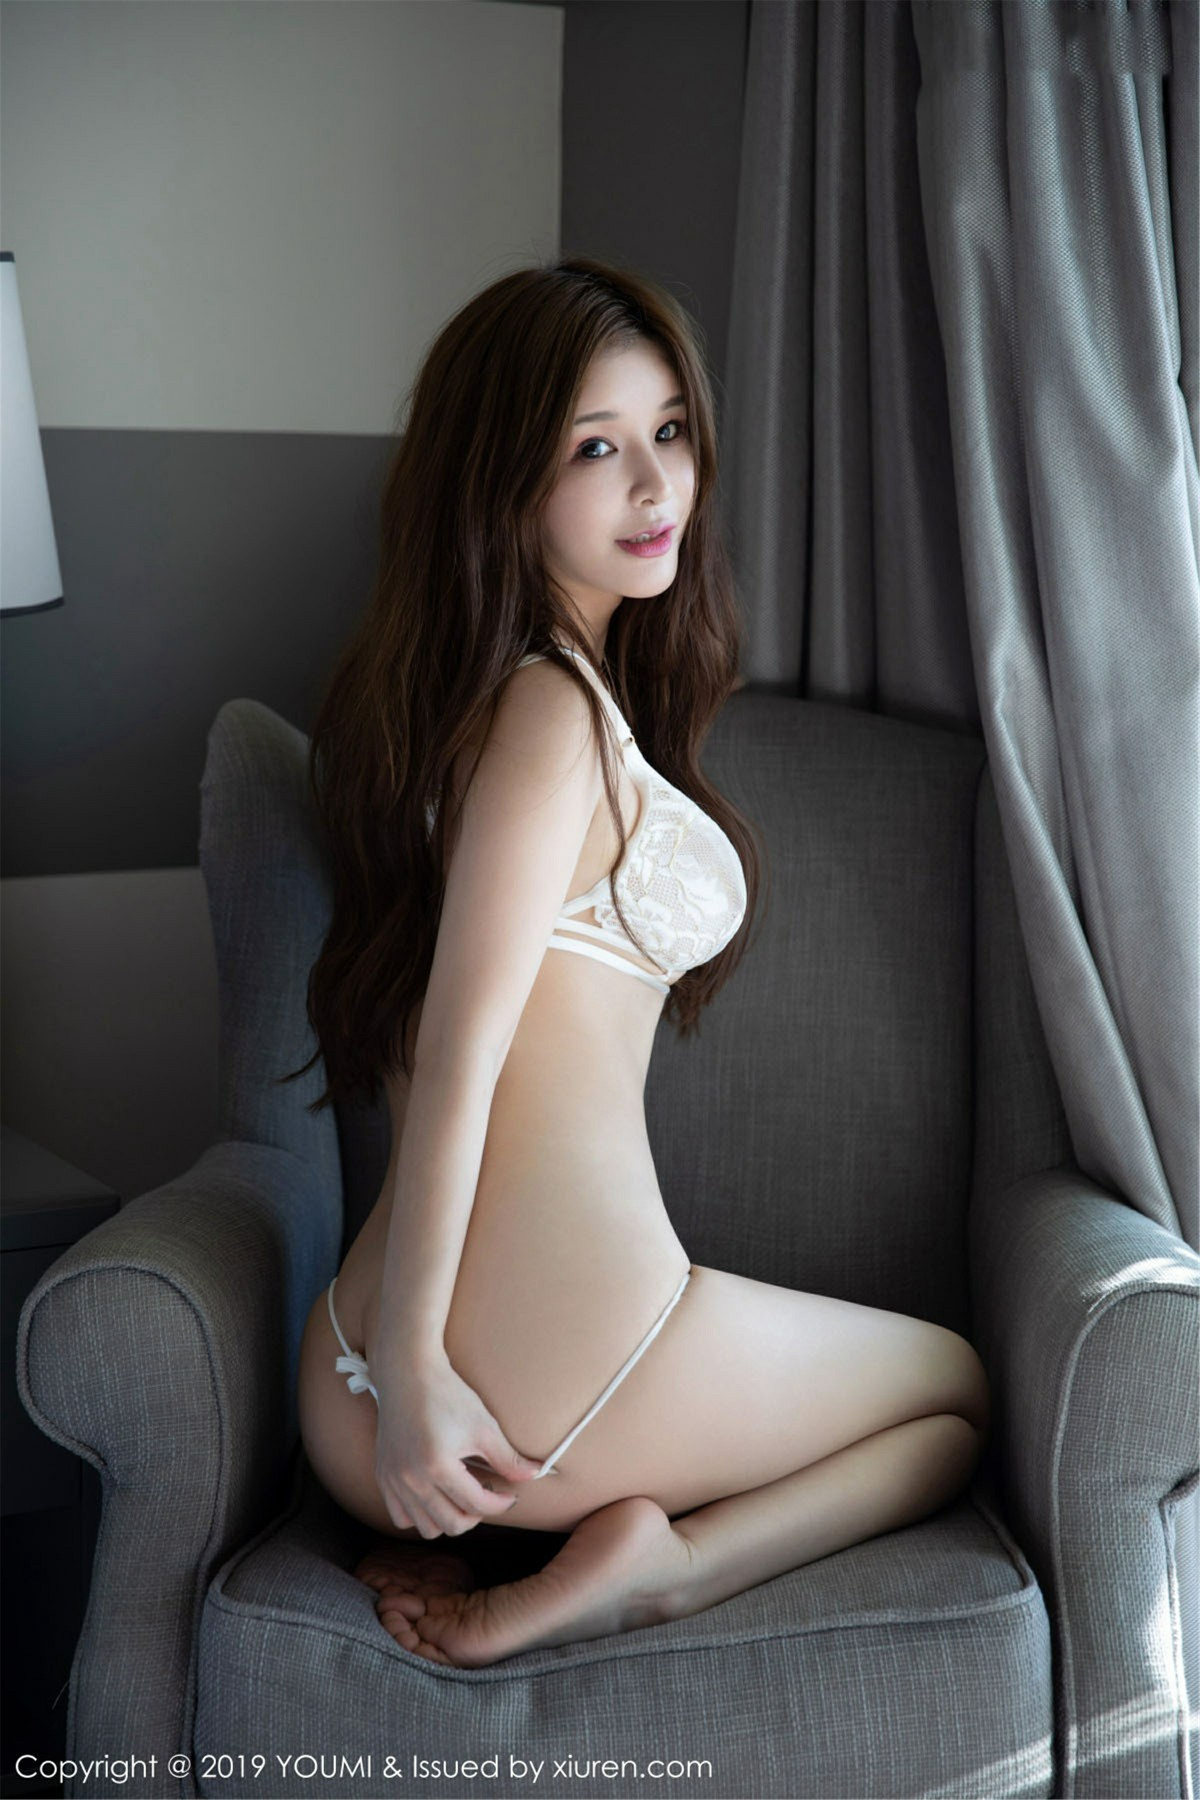 [YOUMI尤蜜荟]2019.06.24 VOL.322 张雨萌[42P] 尤蜜荟 第4张